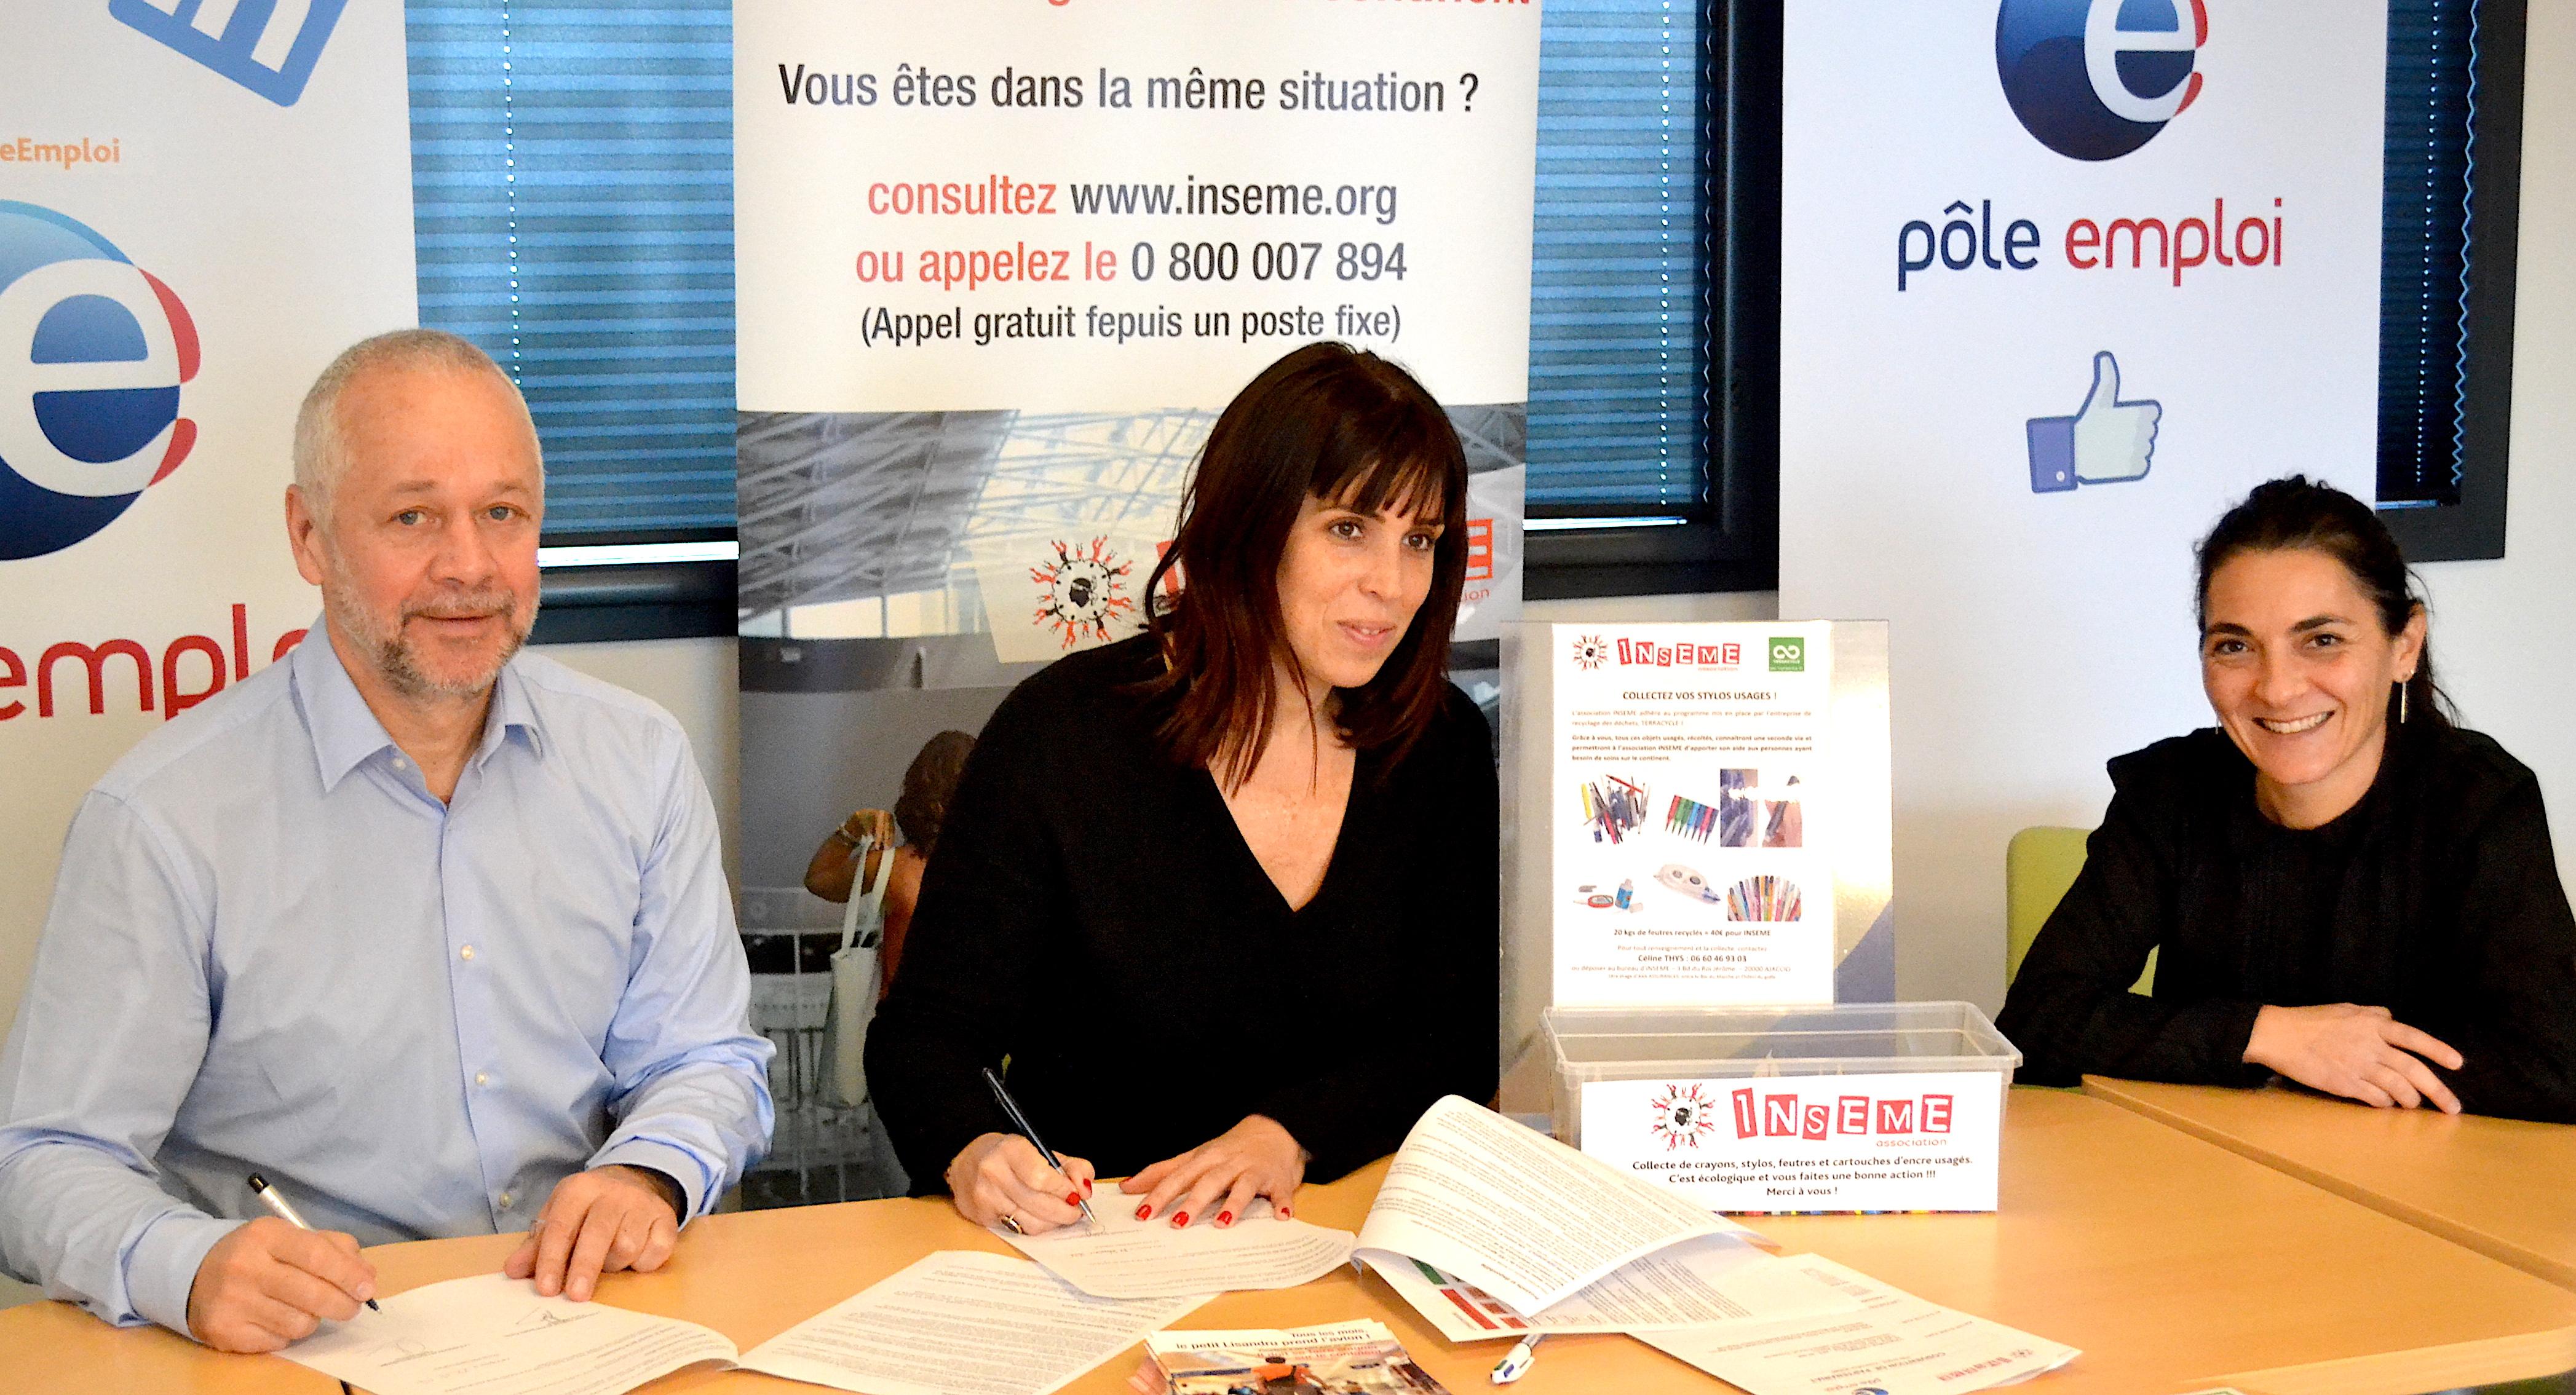 Pôle Emploi rejoint l'association Inseme : La mobilisation est de mise